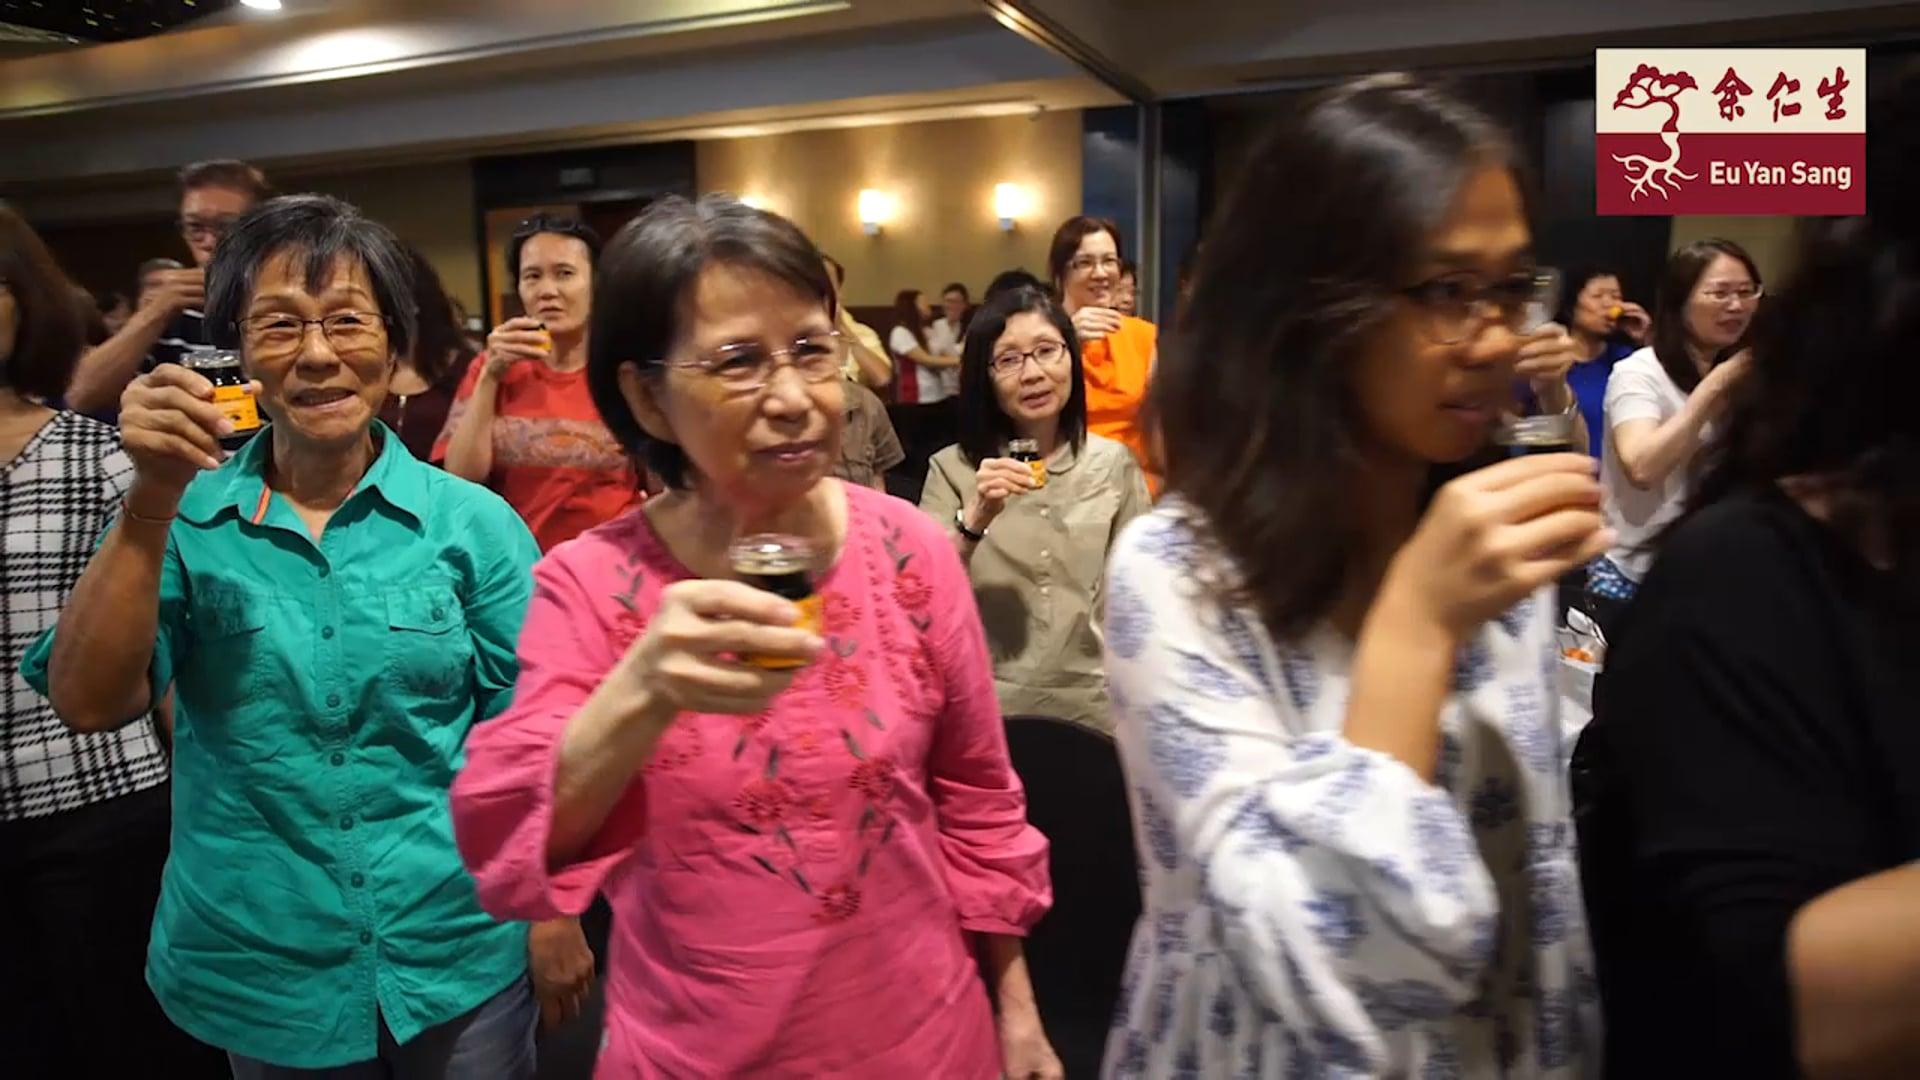 Eu Yan Sang Liver Symposium